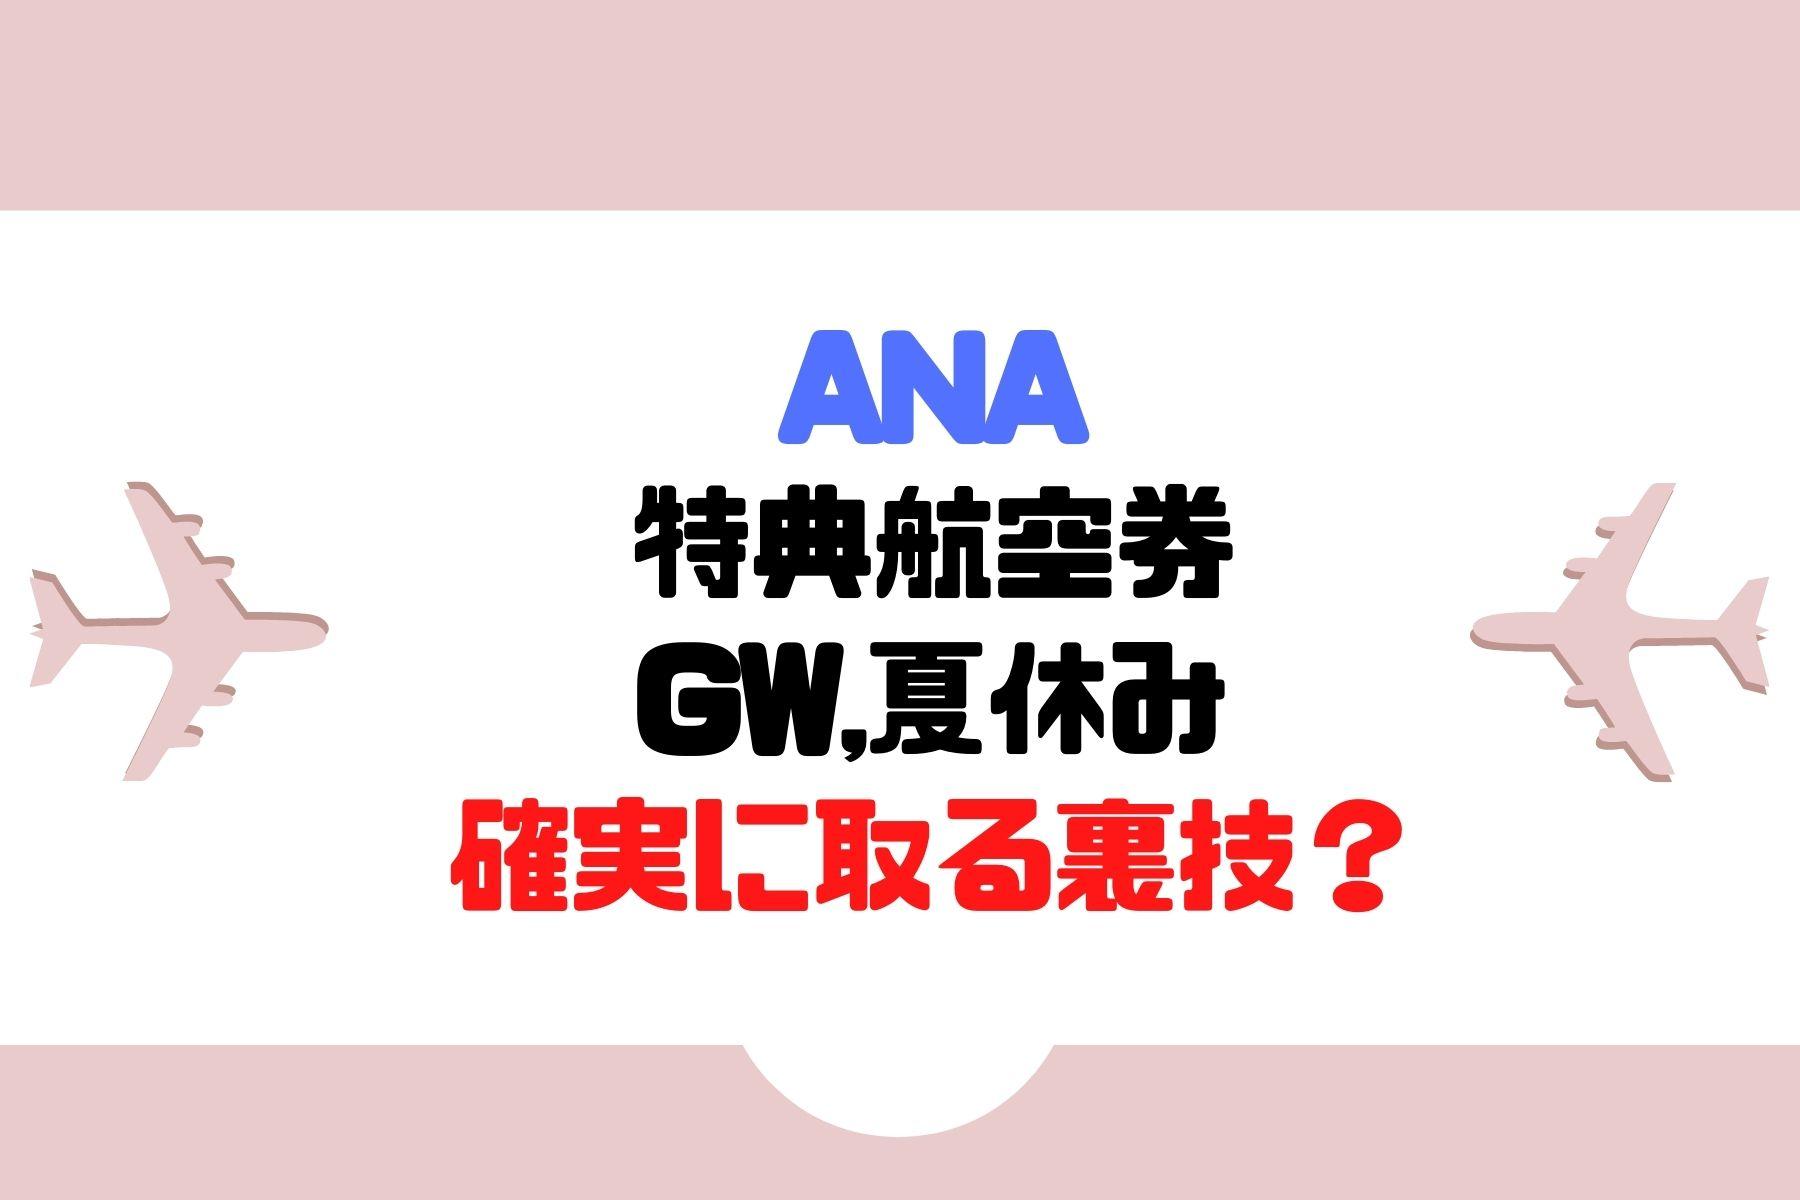 ANA:GWと夏休みにローかレギュラーシーズンマイルで満席でも取れる裏技